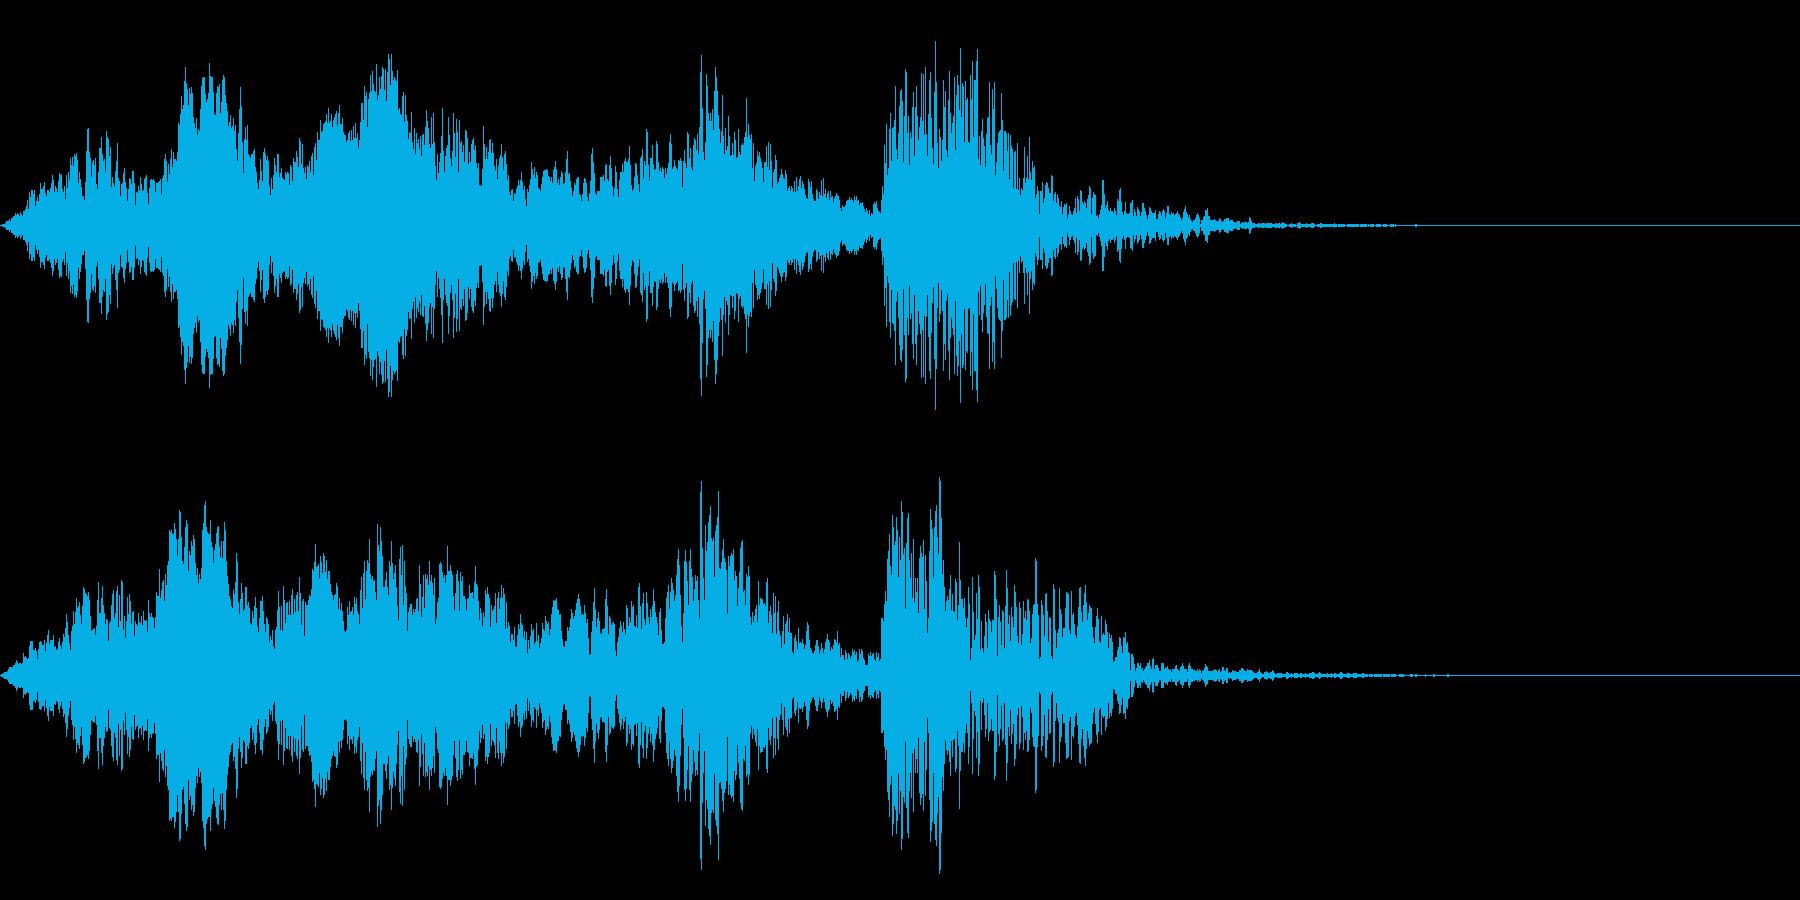 よお〜ドン!/太鼓/歌舞伎のジングル!8の再生済みの波形